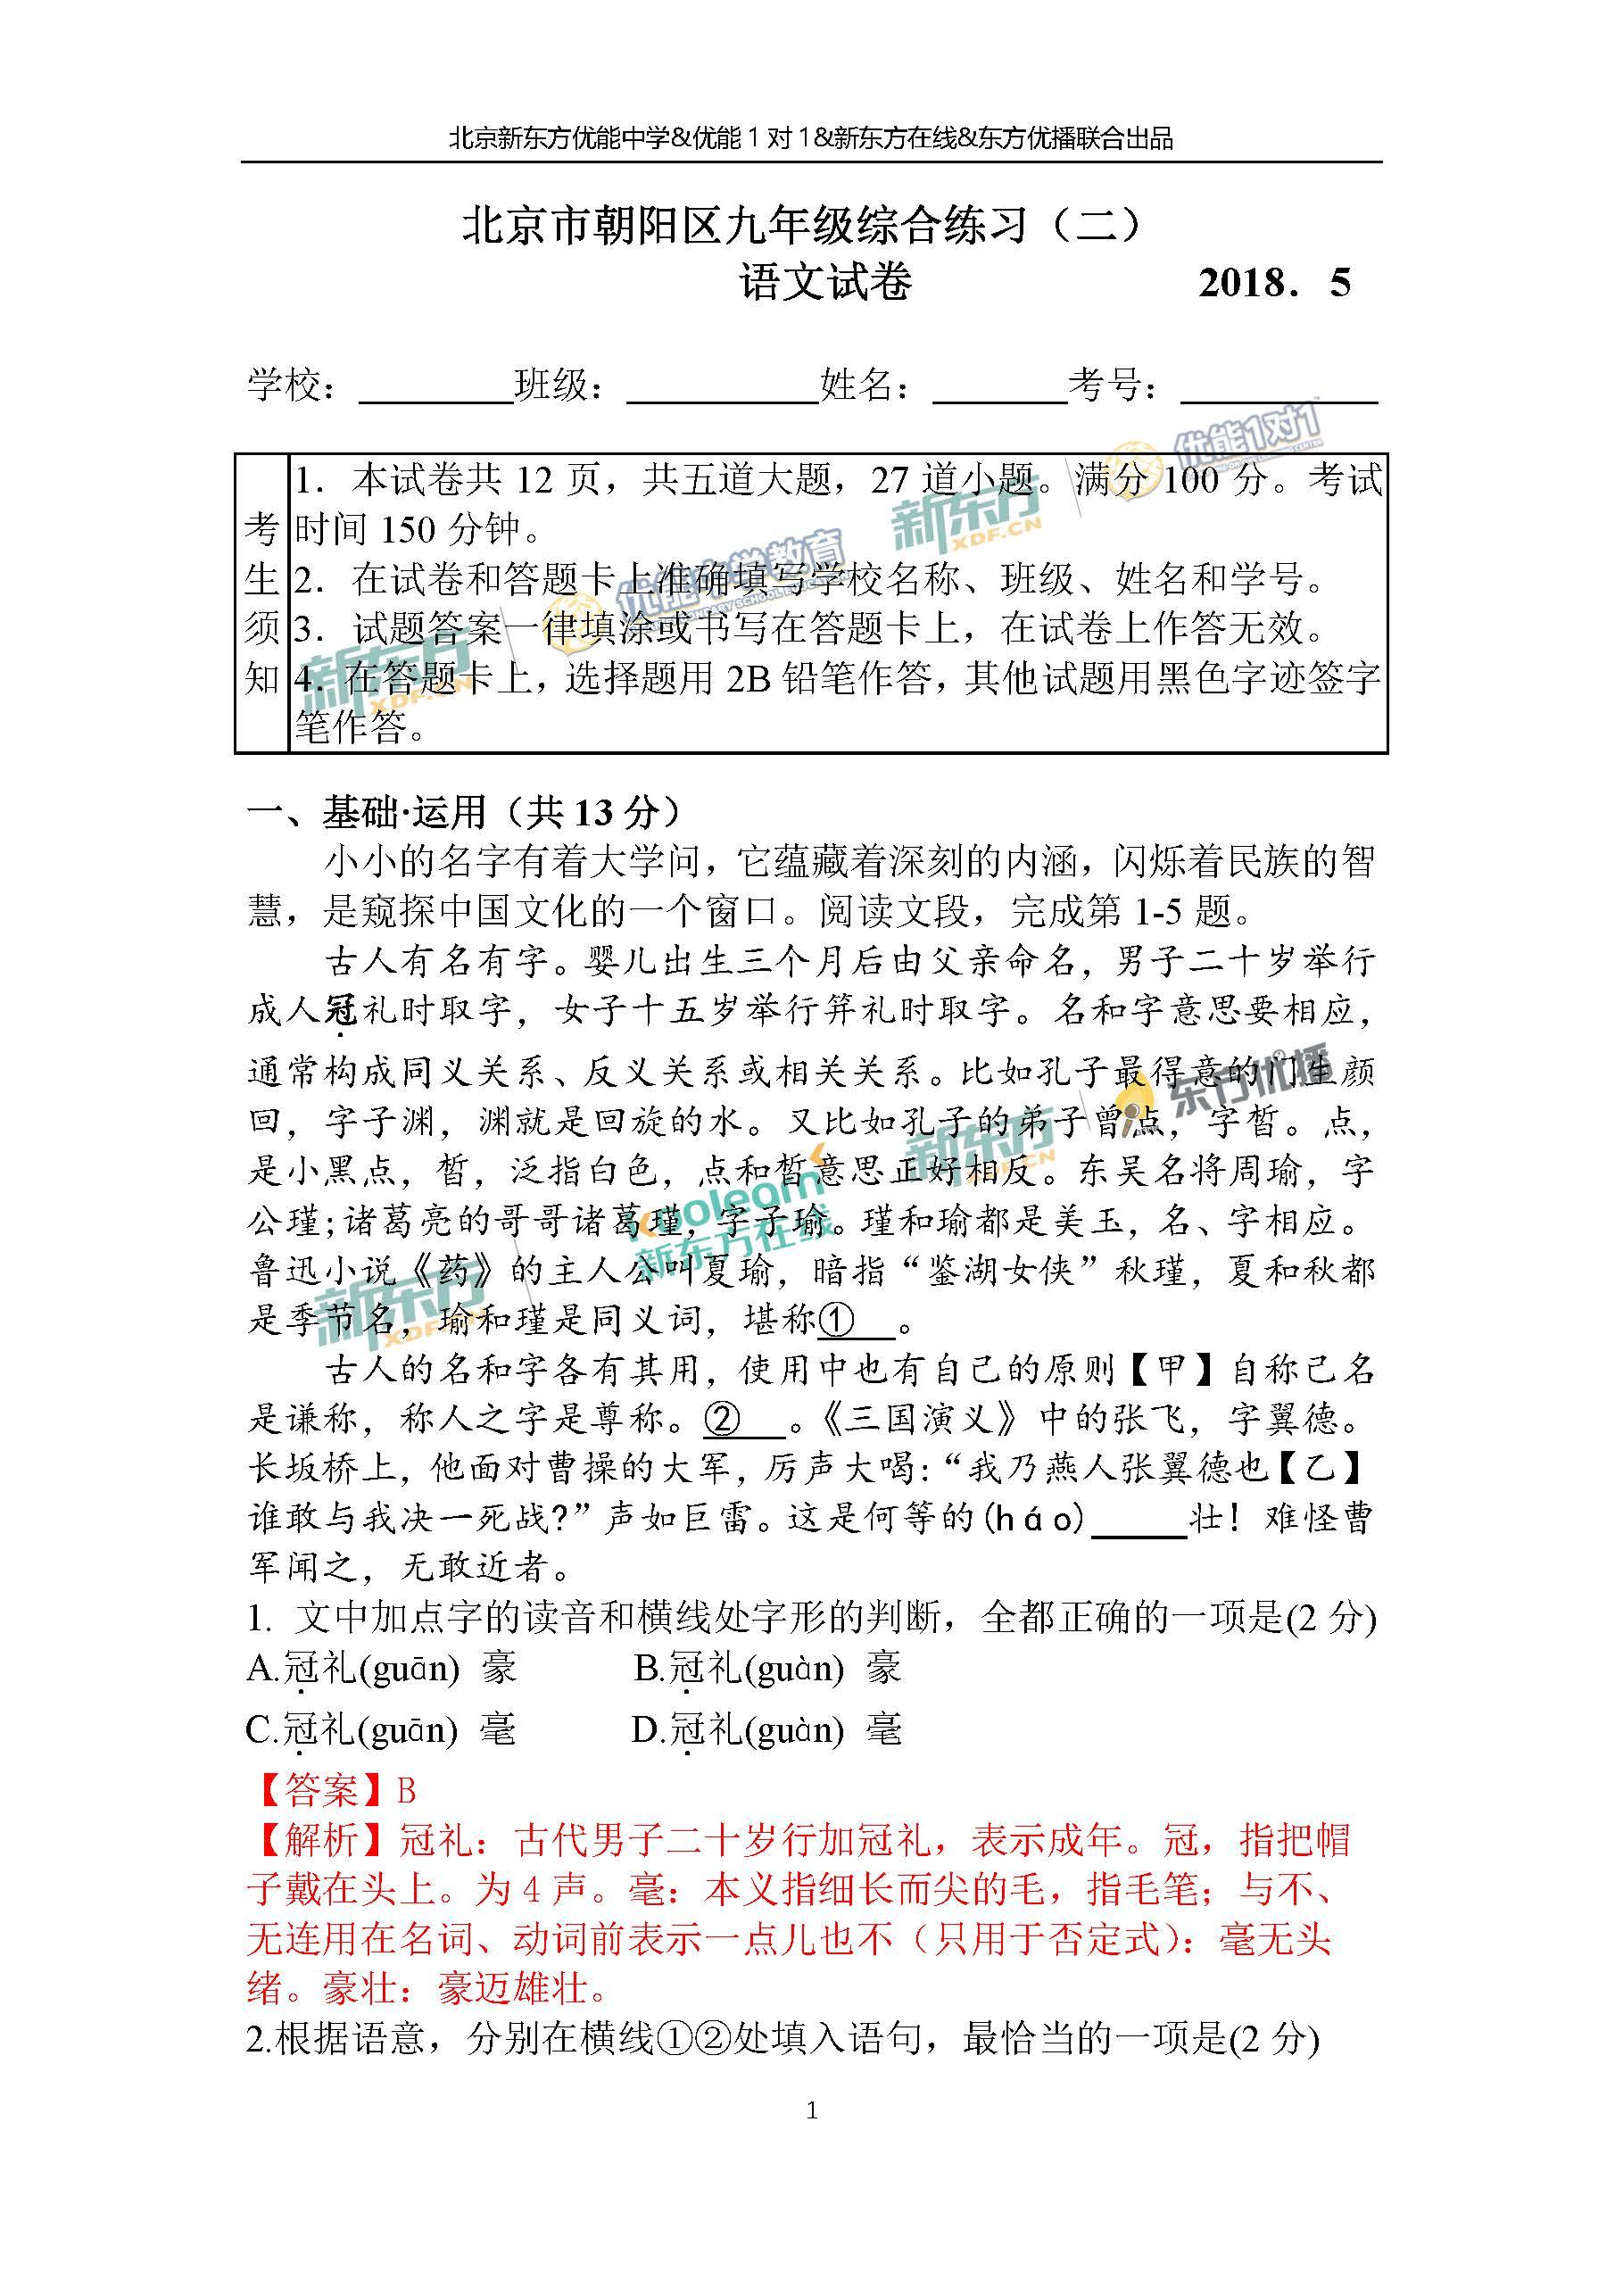 2018朝阳中考二模语文试题答案逐题解析(北京新东方)